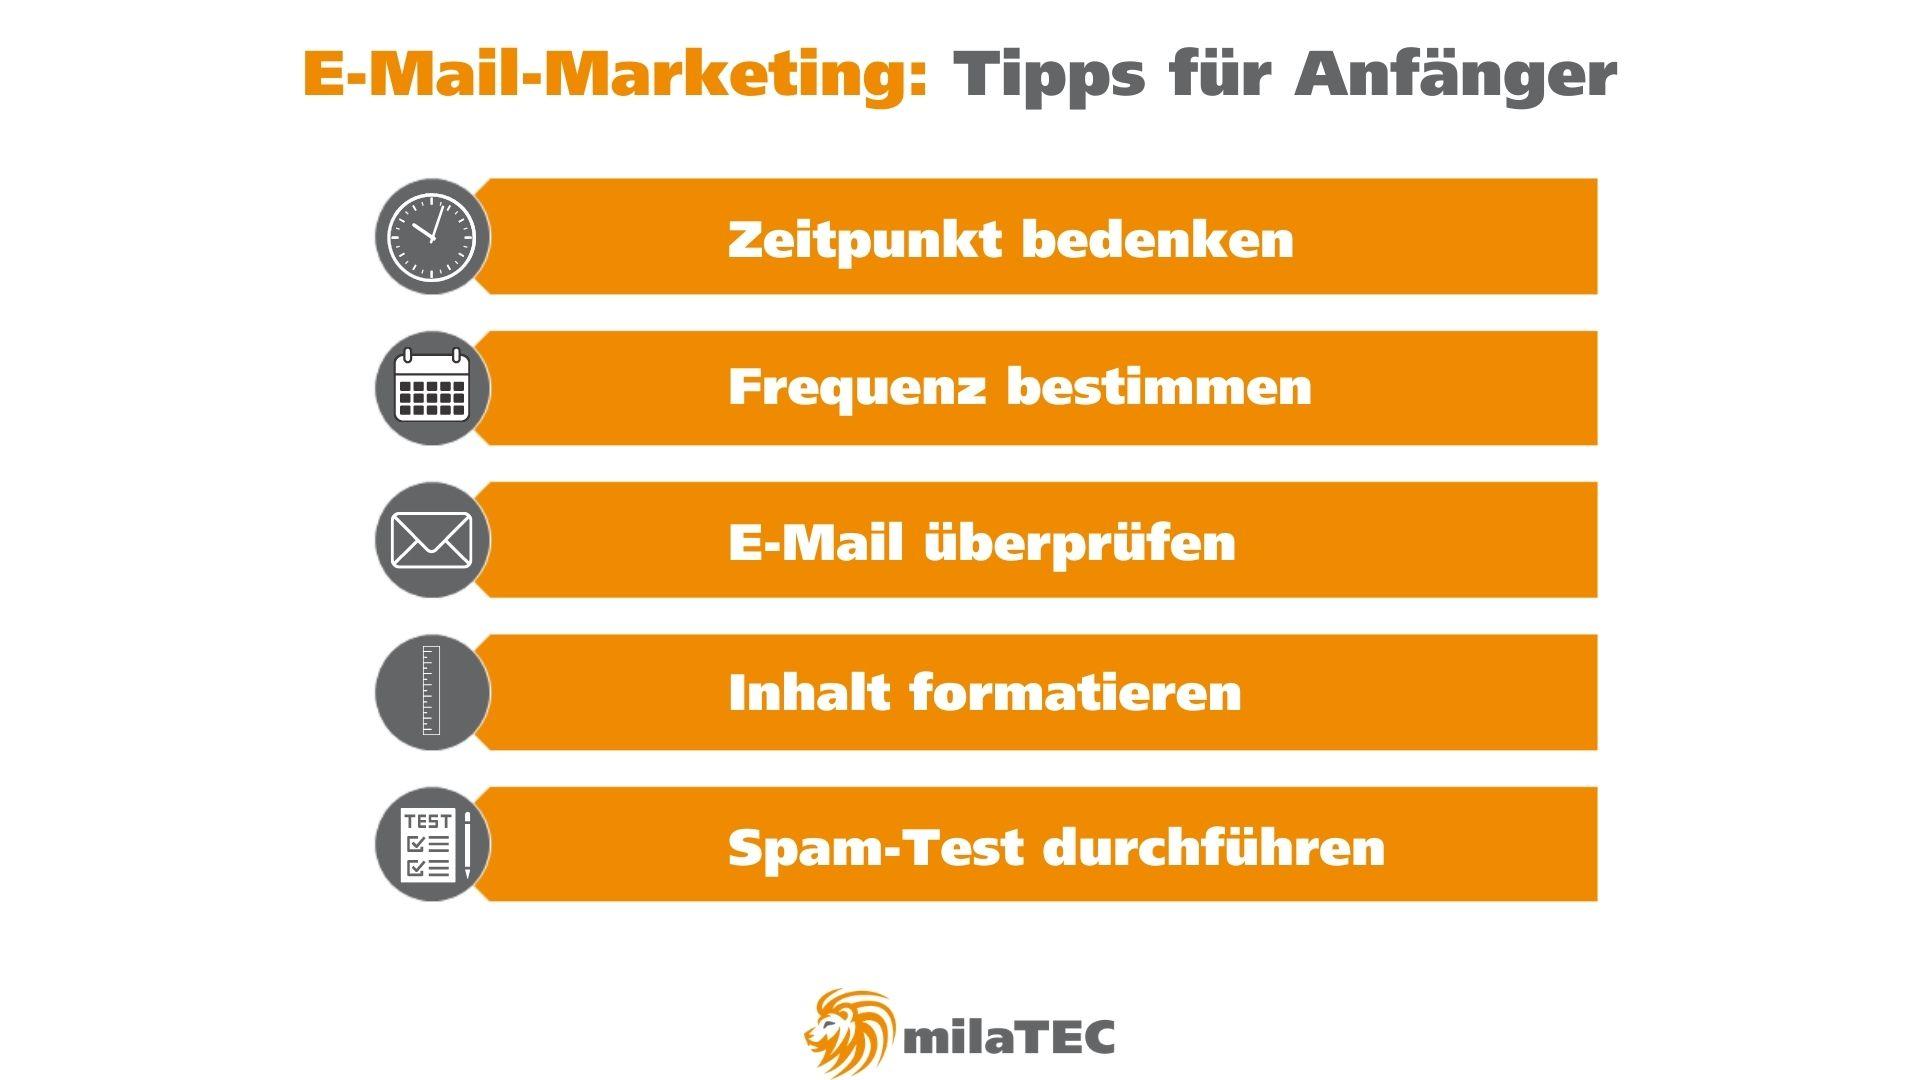 E-Mail-Marketing-Tipps für Anfänger